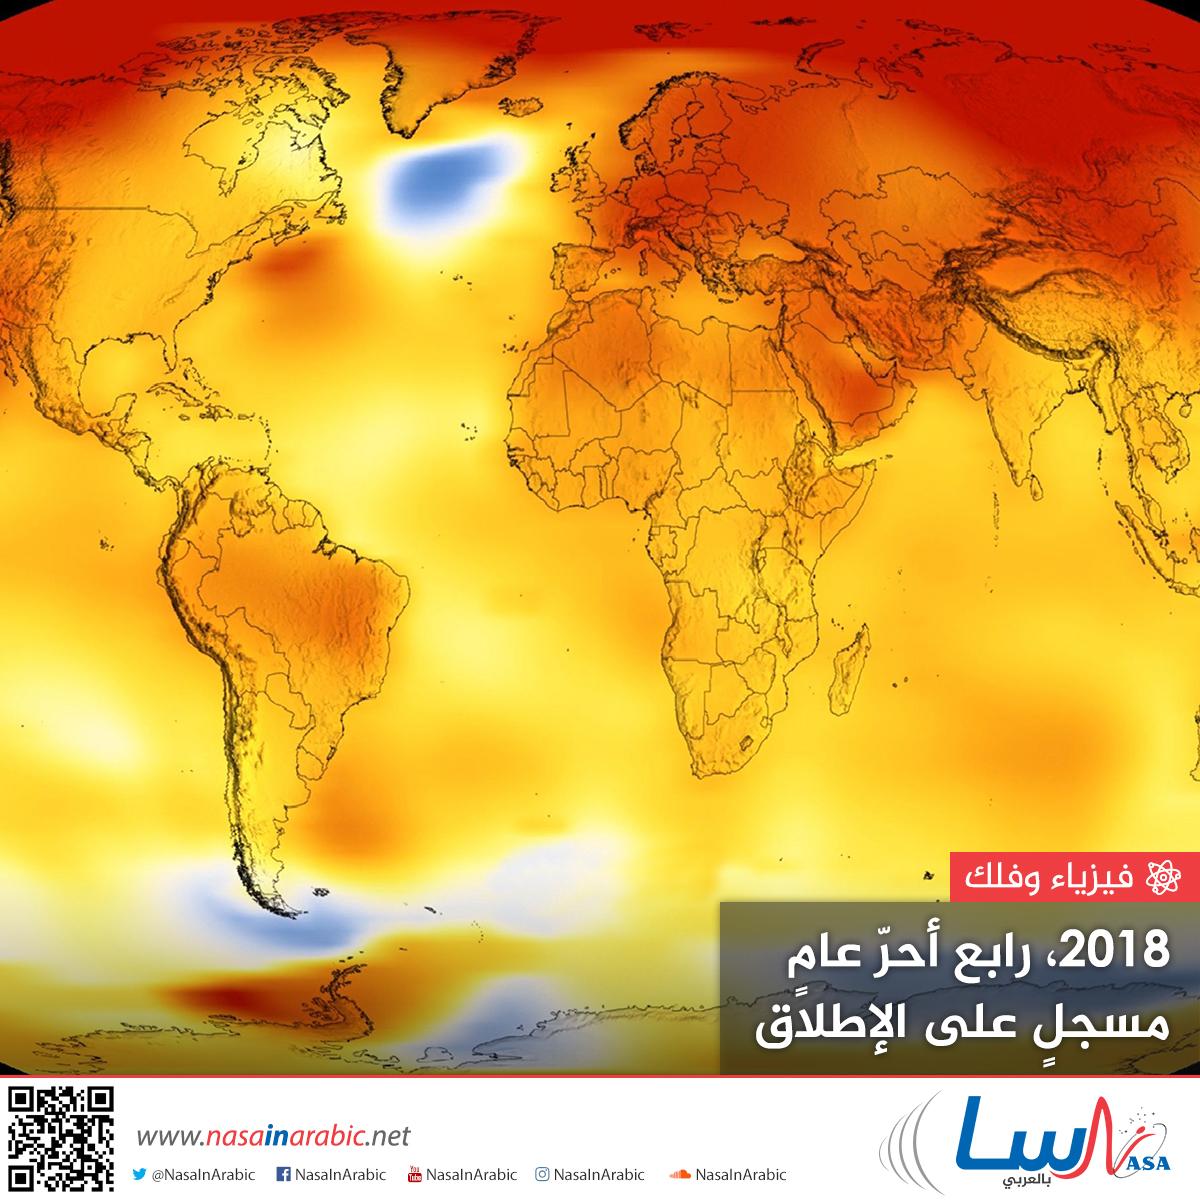 2018: رابع أحر عام مسجل على الإطلاق